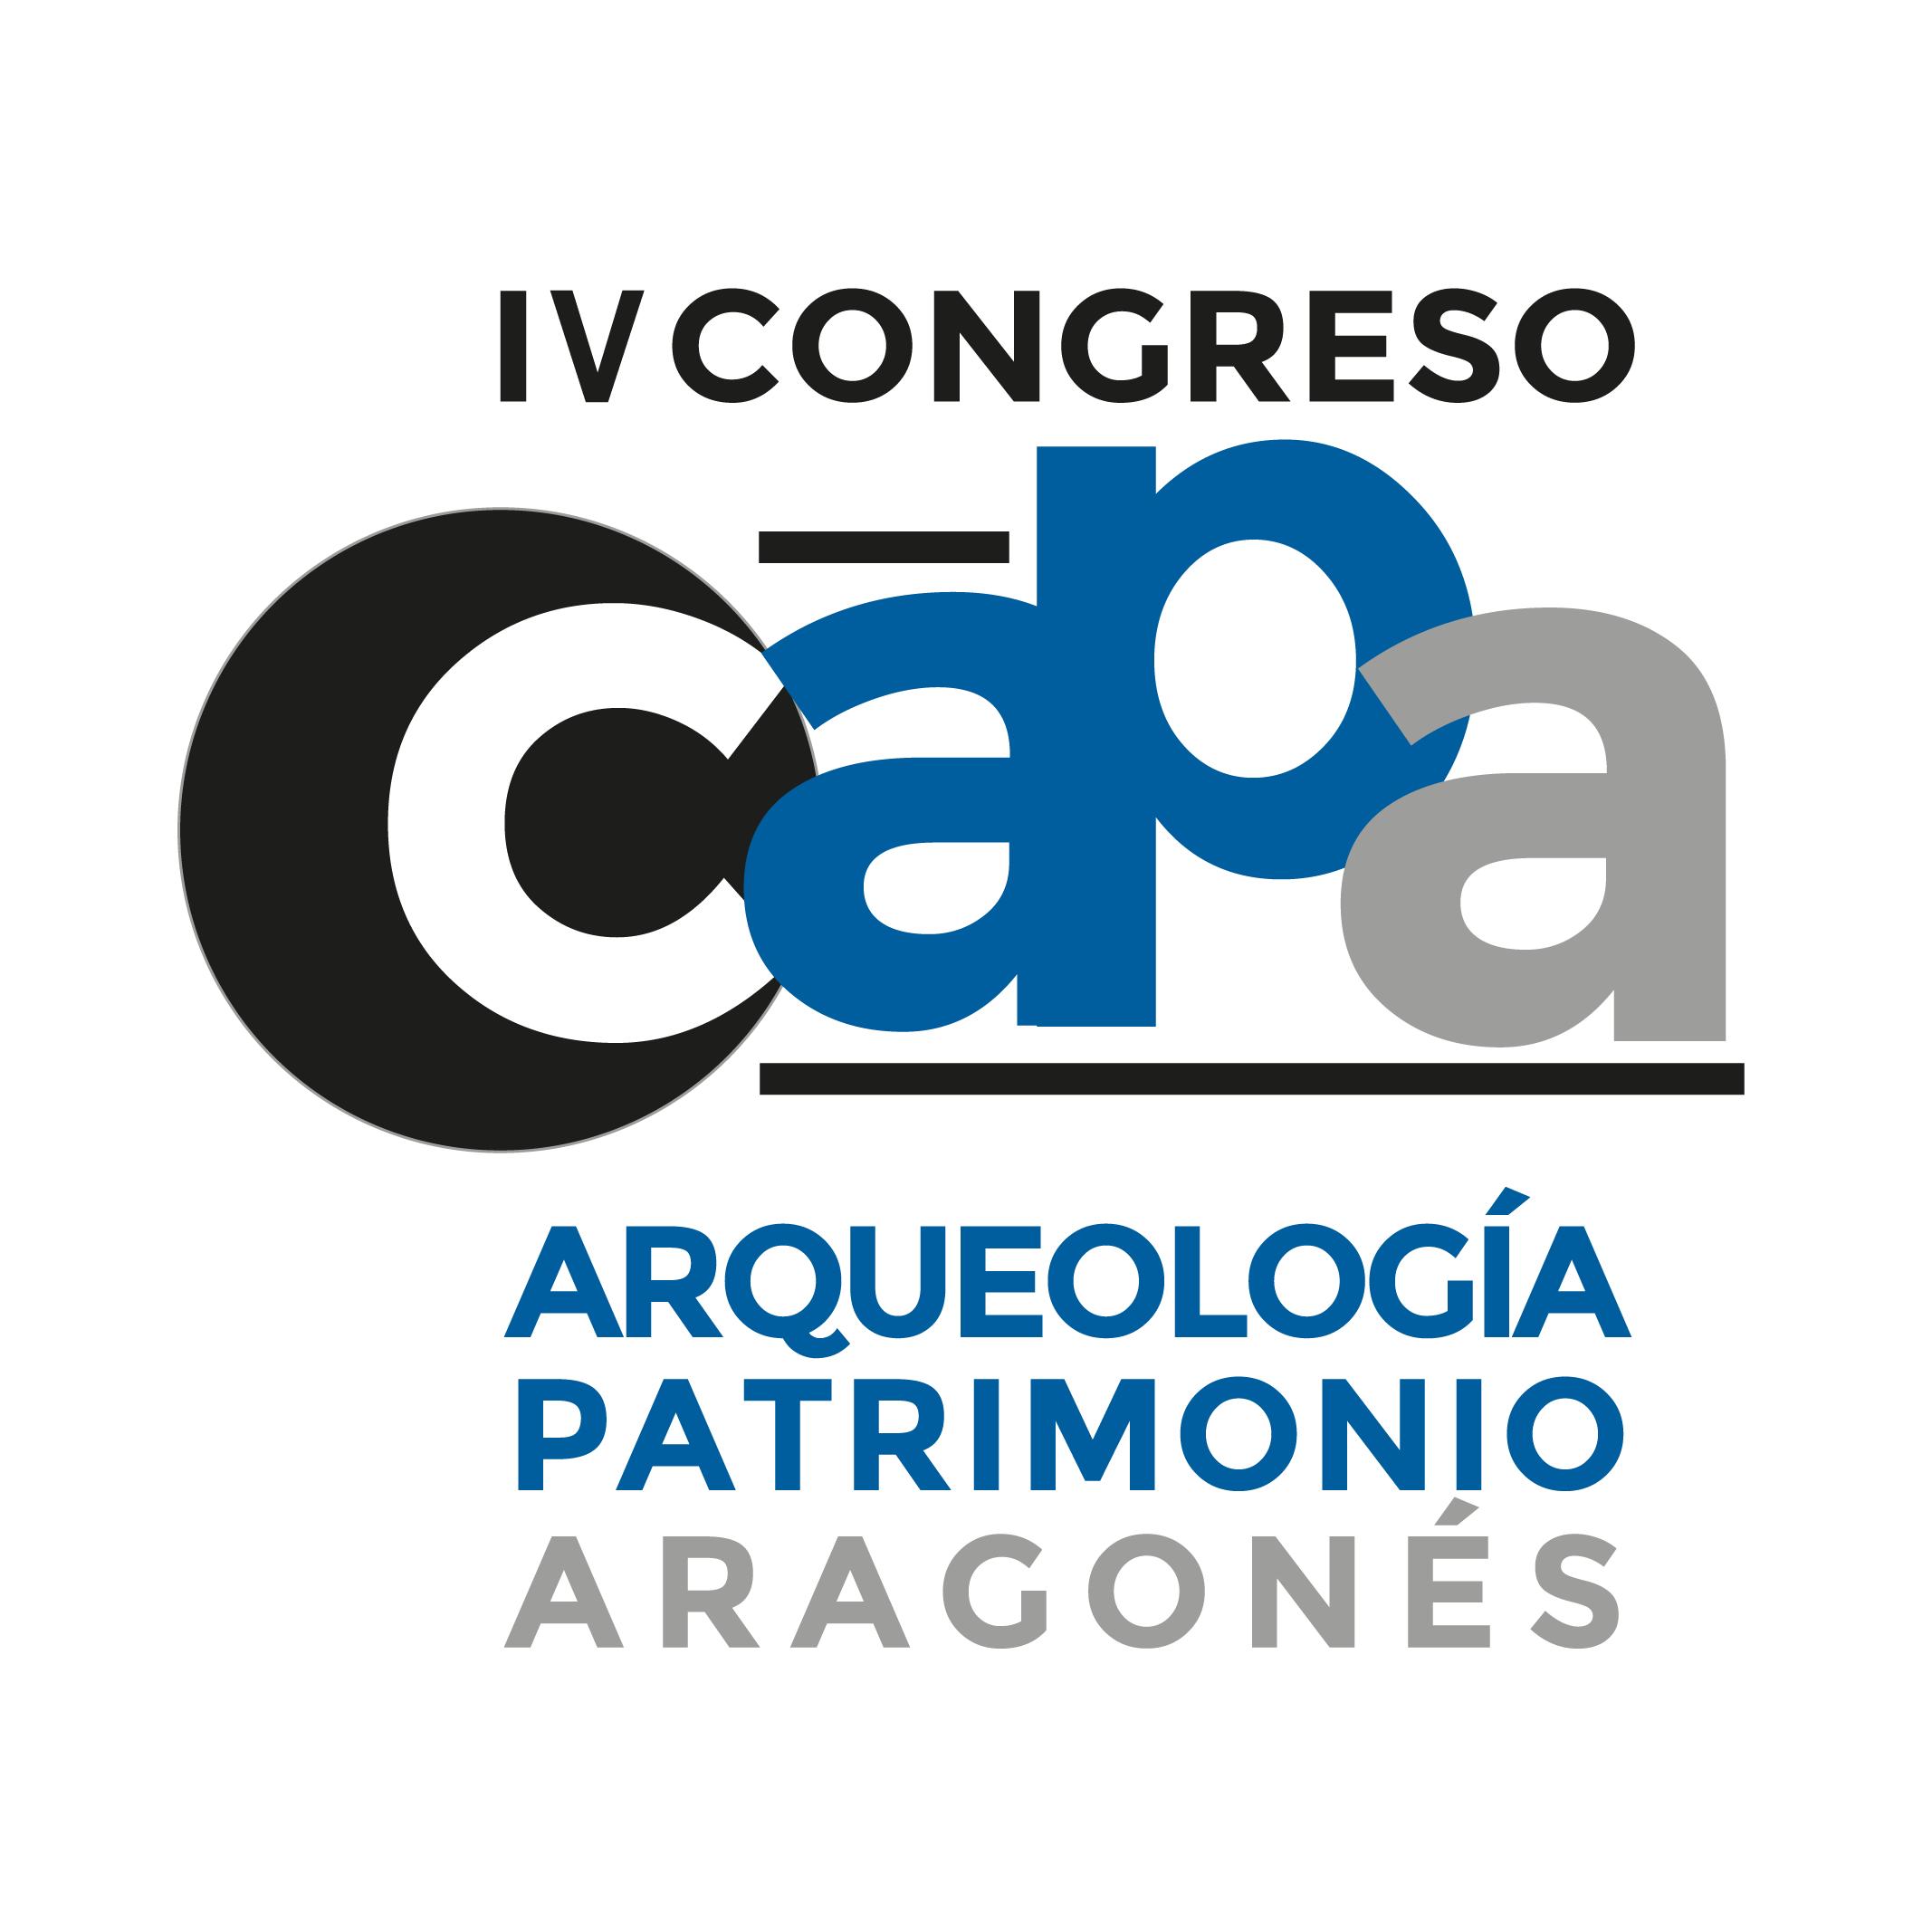 Congreso de Arqueología Profesional Aragonesa